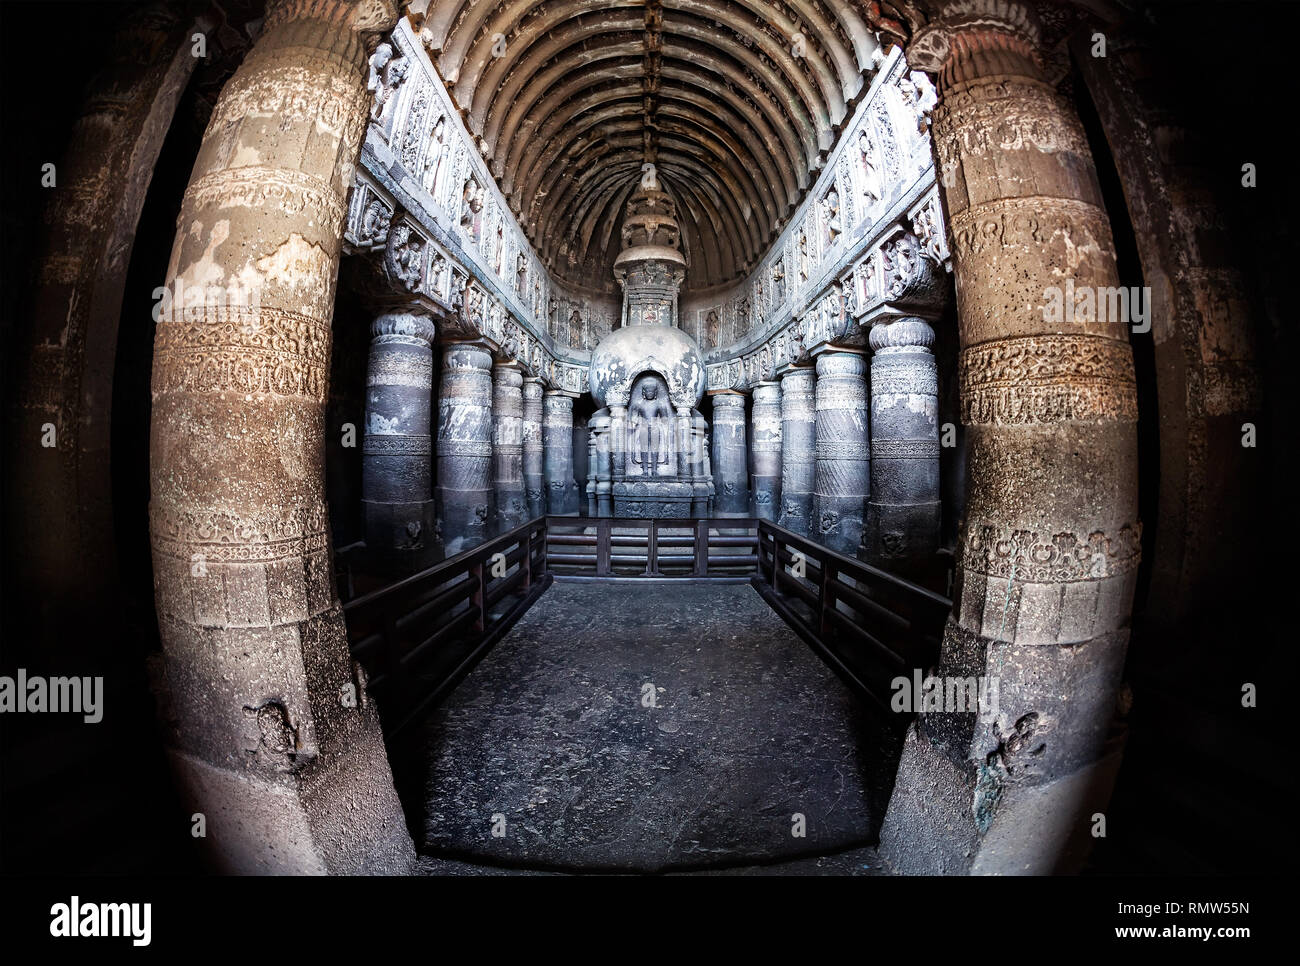 Statua di Buddha in antiche grotte di Ajanta vicino a Aurangabad, Maharashtra, India Immagini Stock